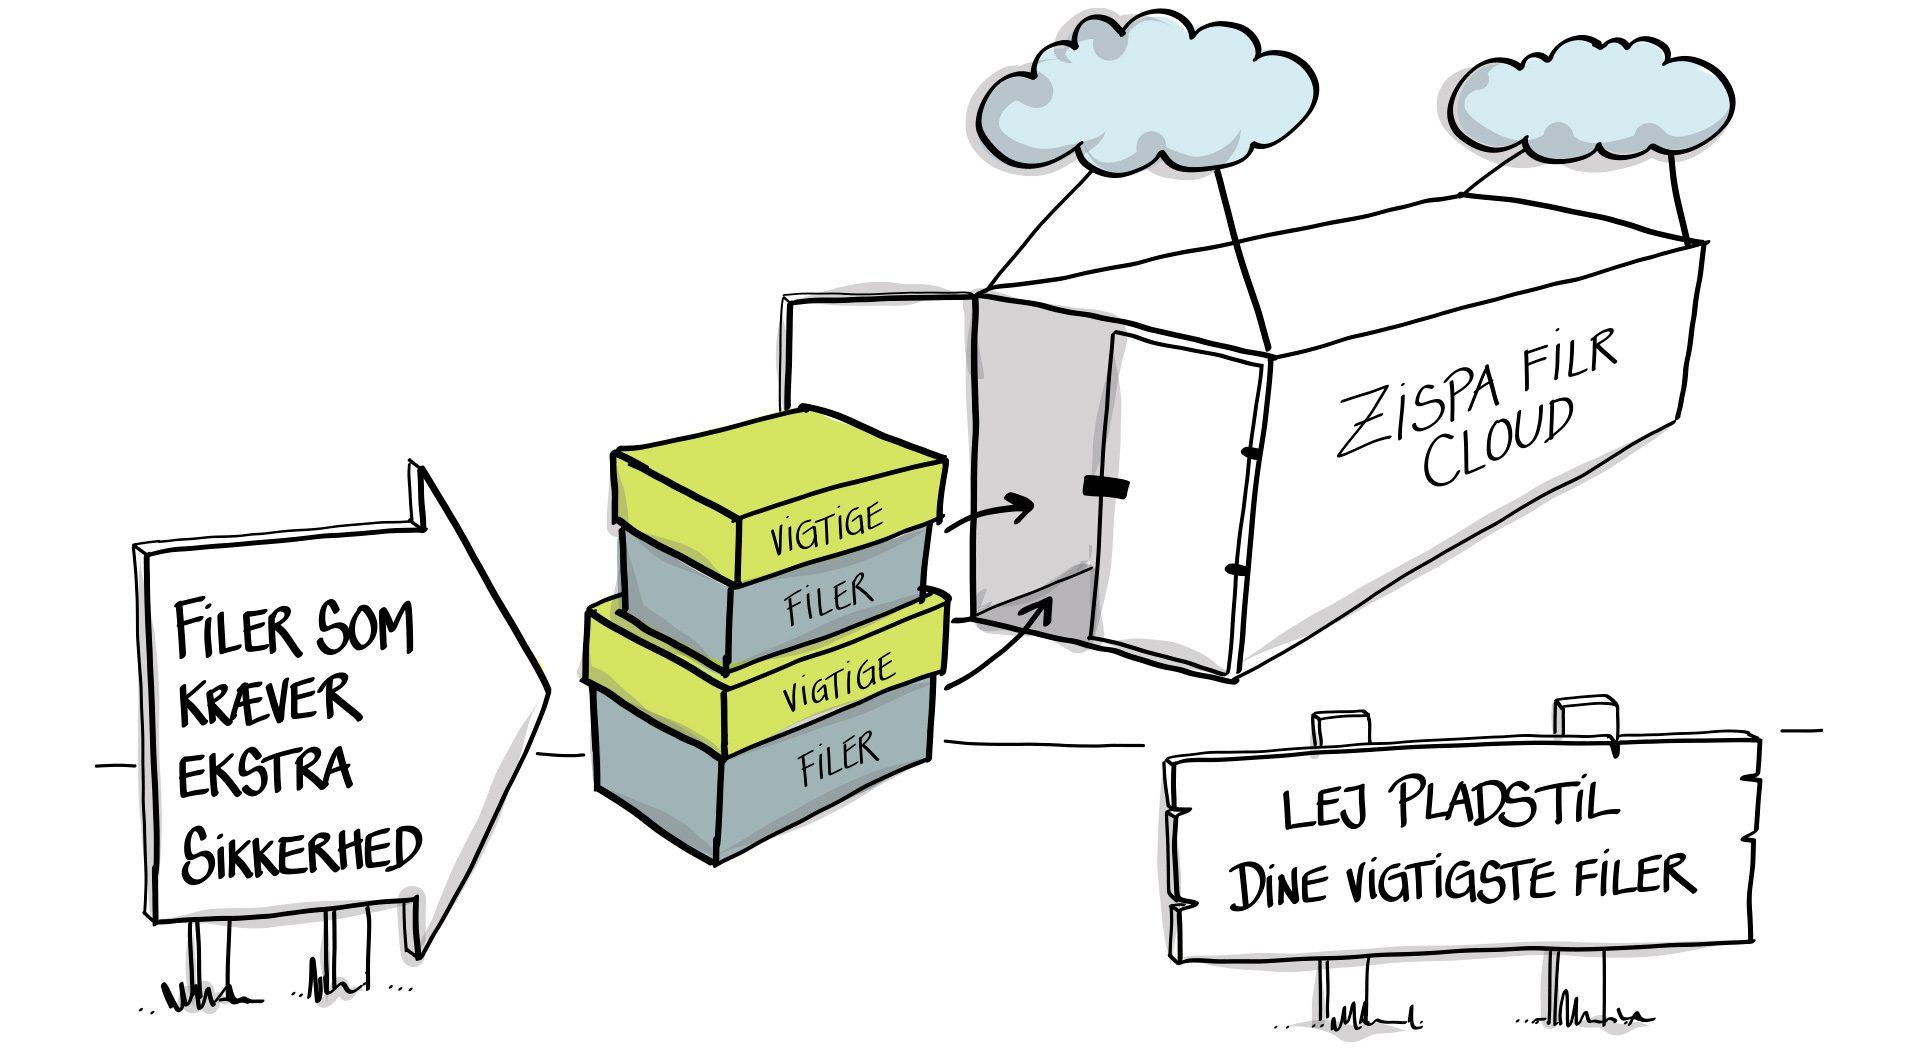 Flyt dine filer ud i en sikker sky hos Zispa